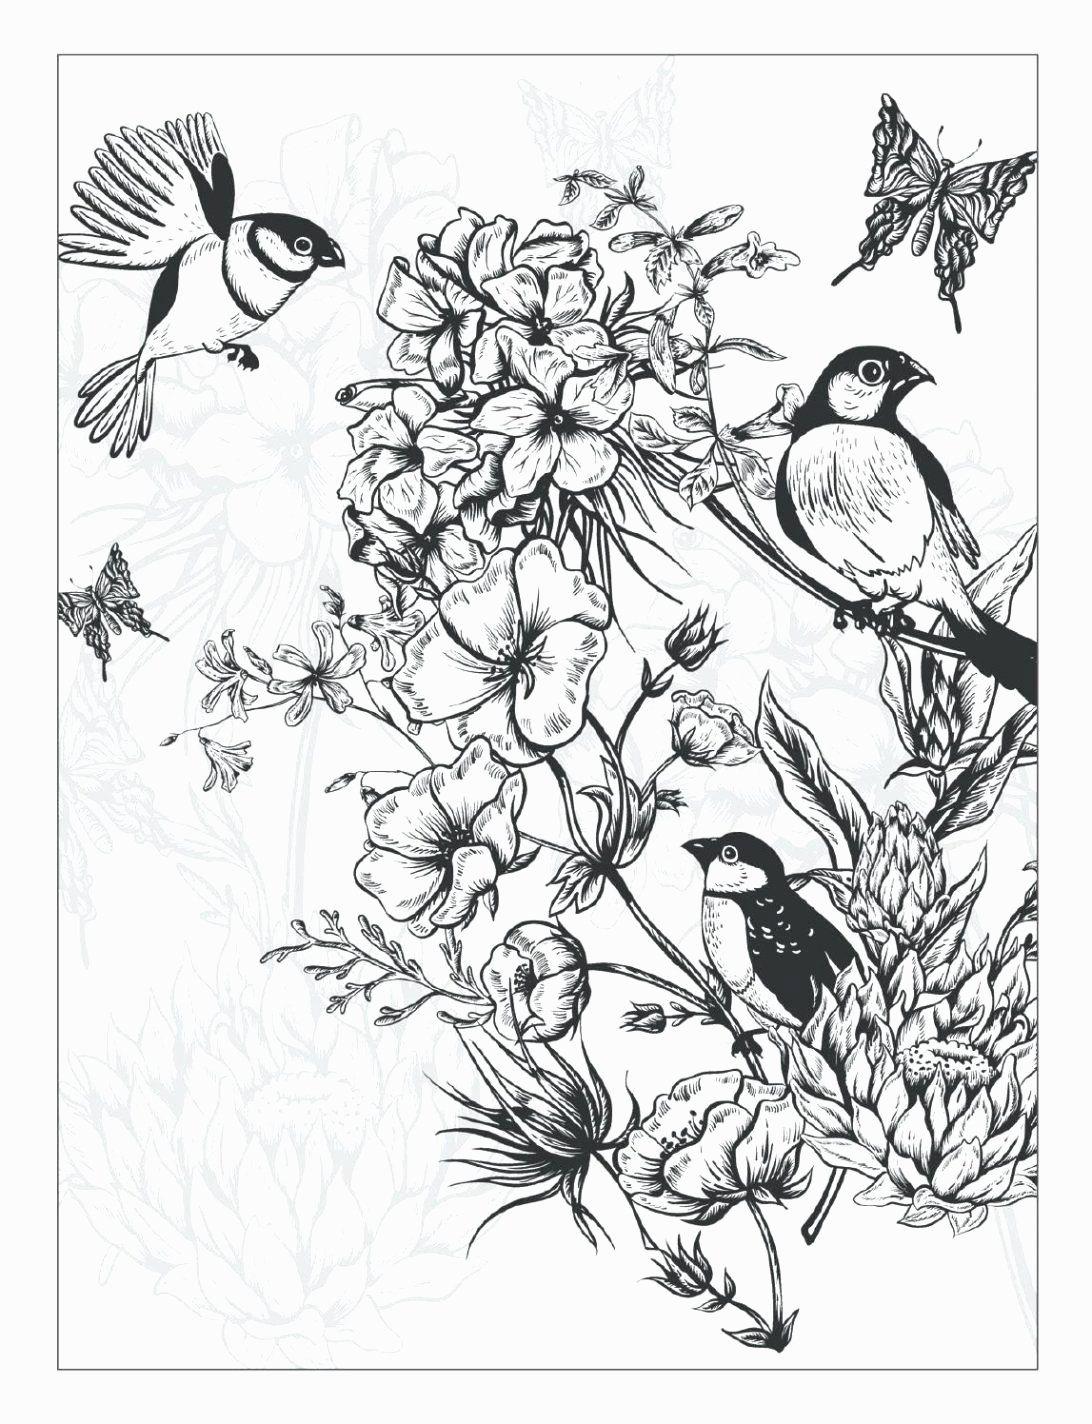 Primavera Flores Dibujos Para Colorear De Inspiracion Para Colorear Dibujos Para Color En 2020 Dibujos Para Colorear Paginas Para Colorear De Flores Libro De Colores